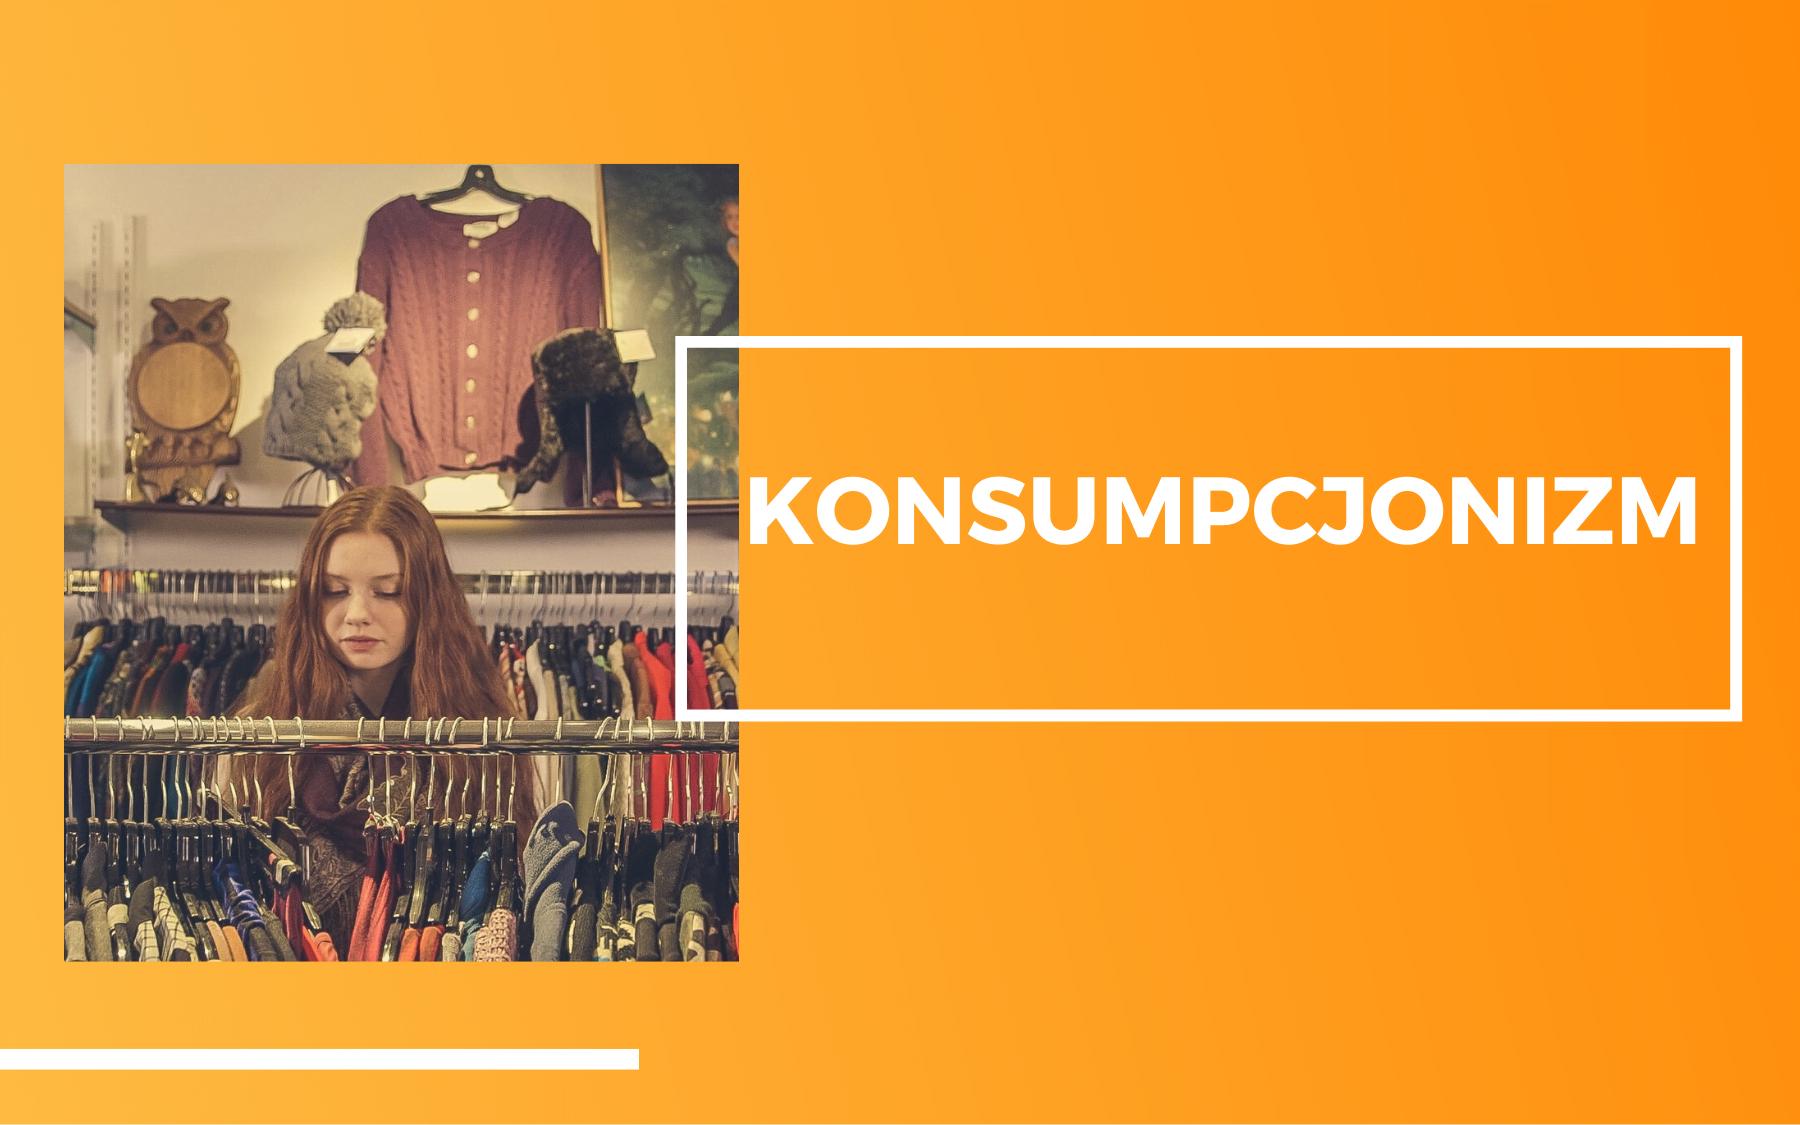 Kobieta na zakupach, przy wieszaku z ubraniami. Na pomarańczowym tle napis - Konsumpcjonizm.